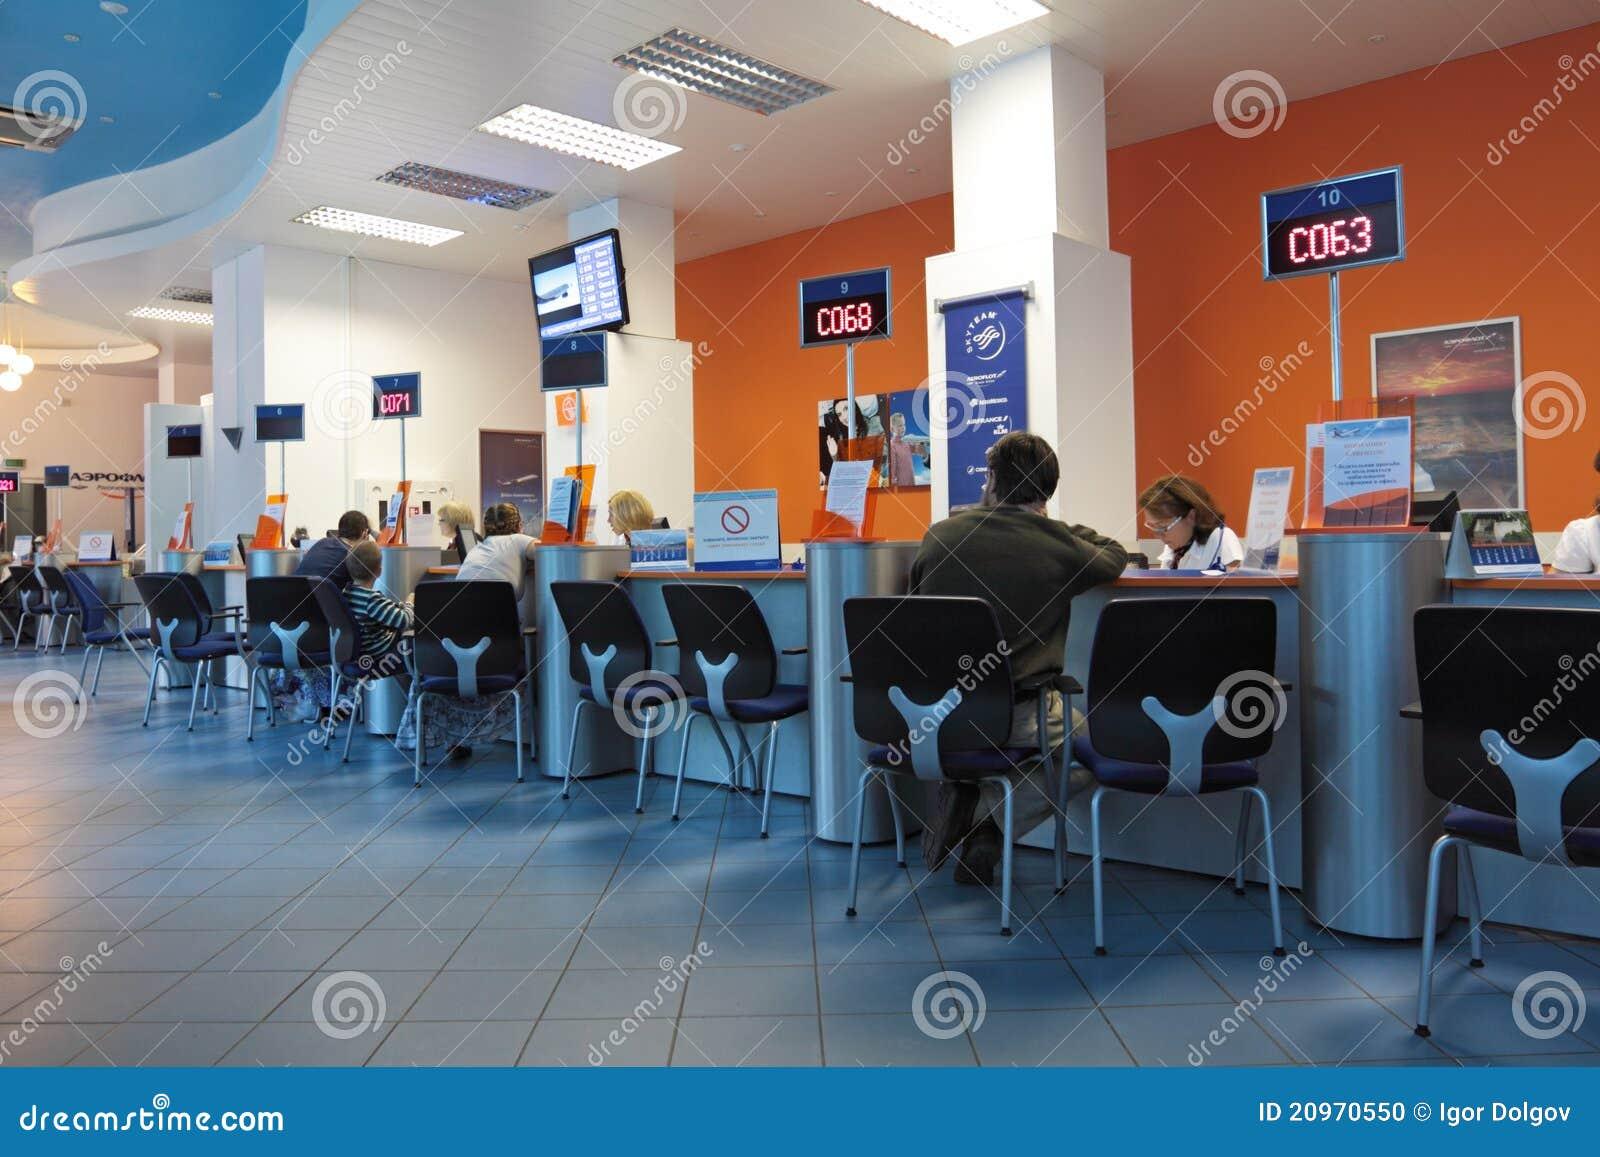 Oficina imagen editorial imagen de comercio gente mosc for Oficina atencion al contribuyente madrid